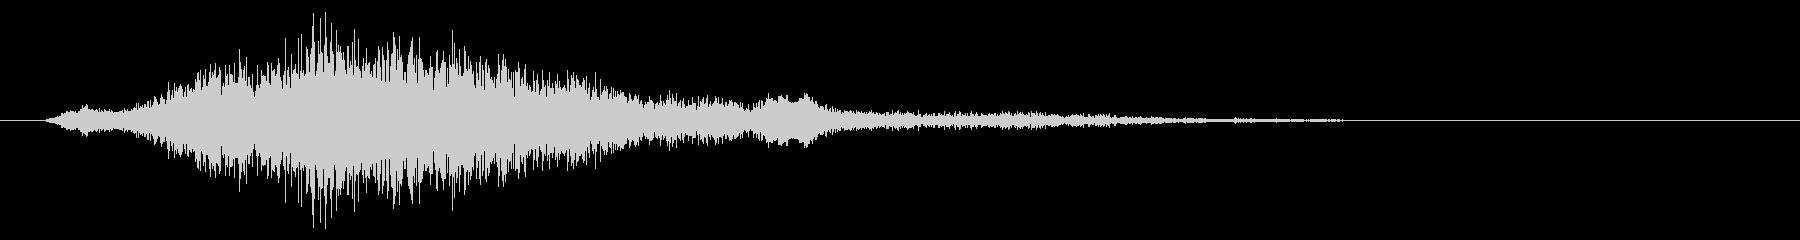 群集 デス・クライ05の未再生の波形